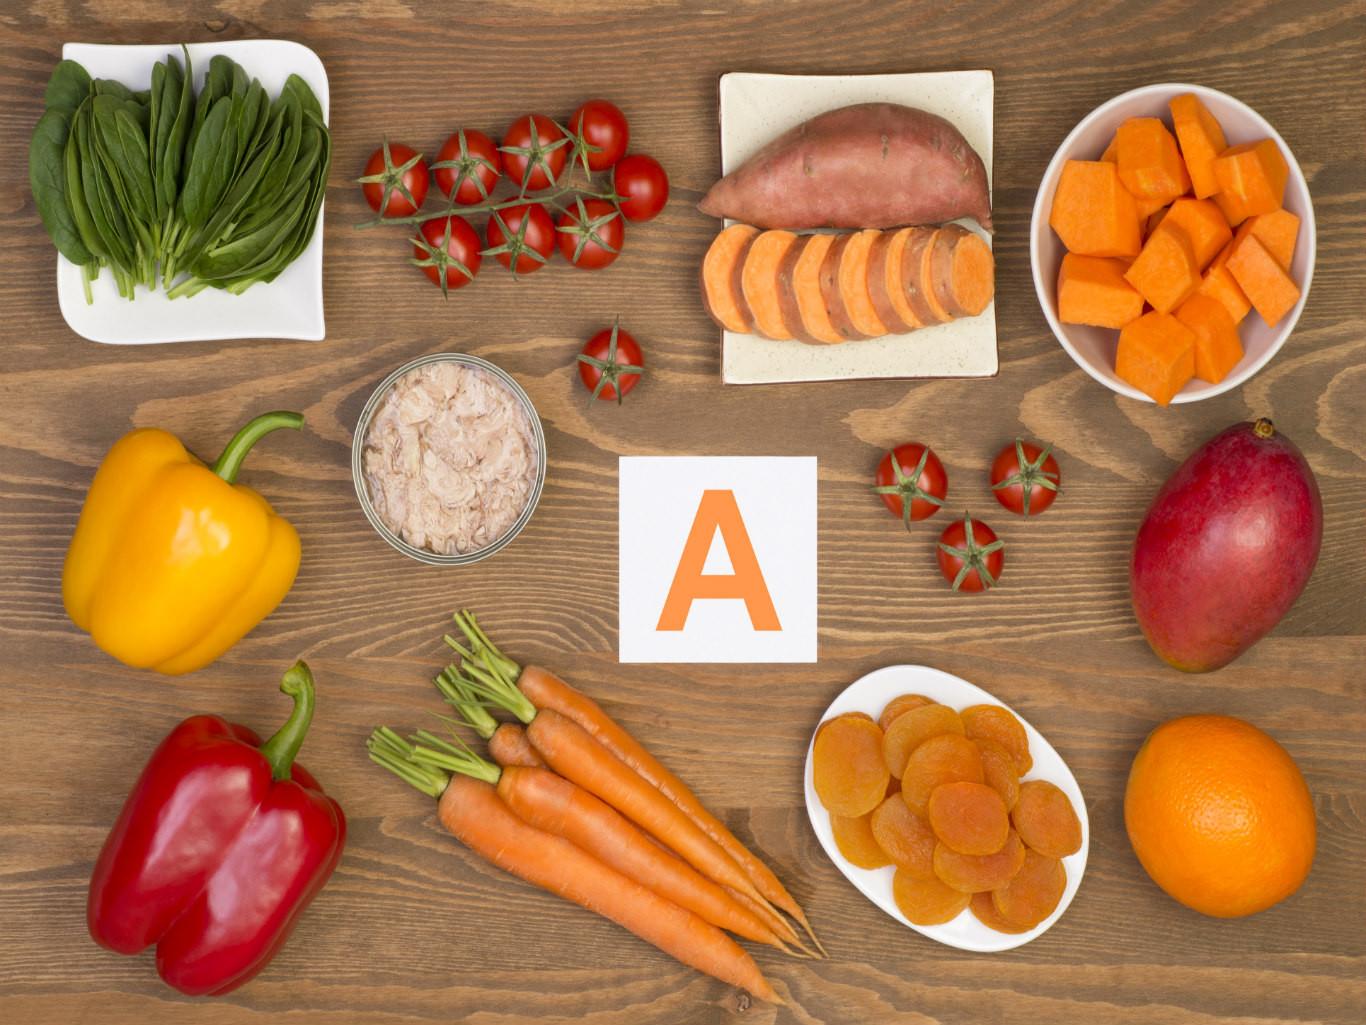 Ученые: недостаток витамина Aпровоцирует рак крови